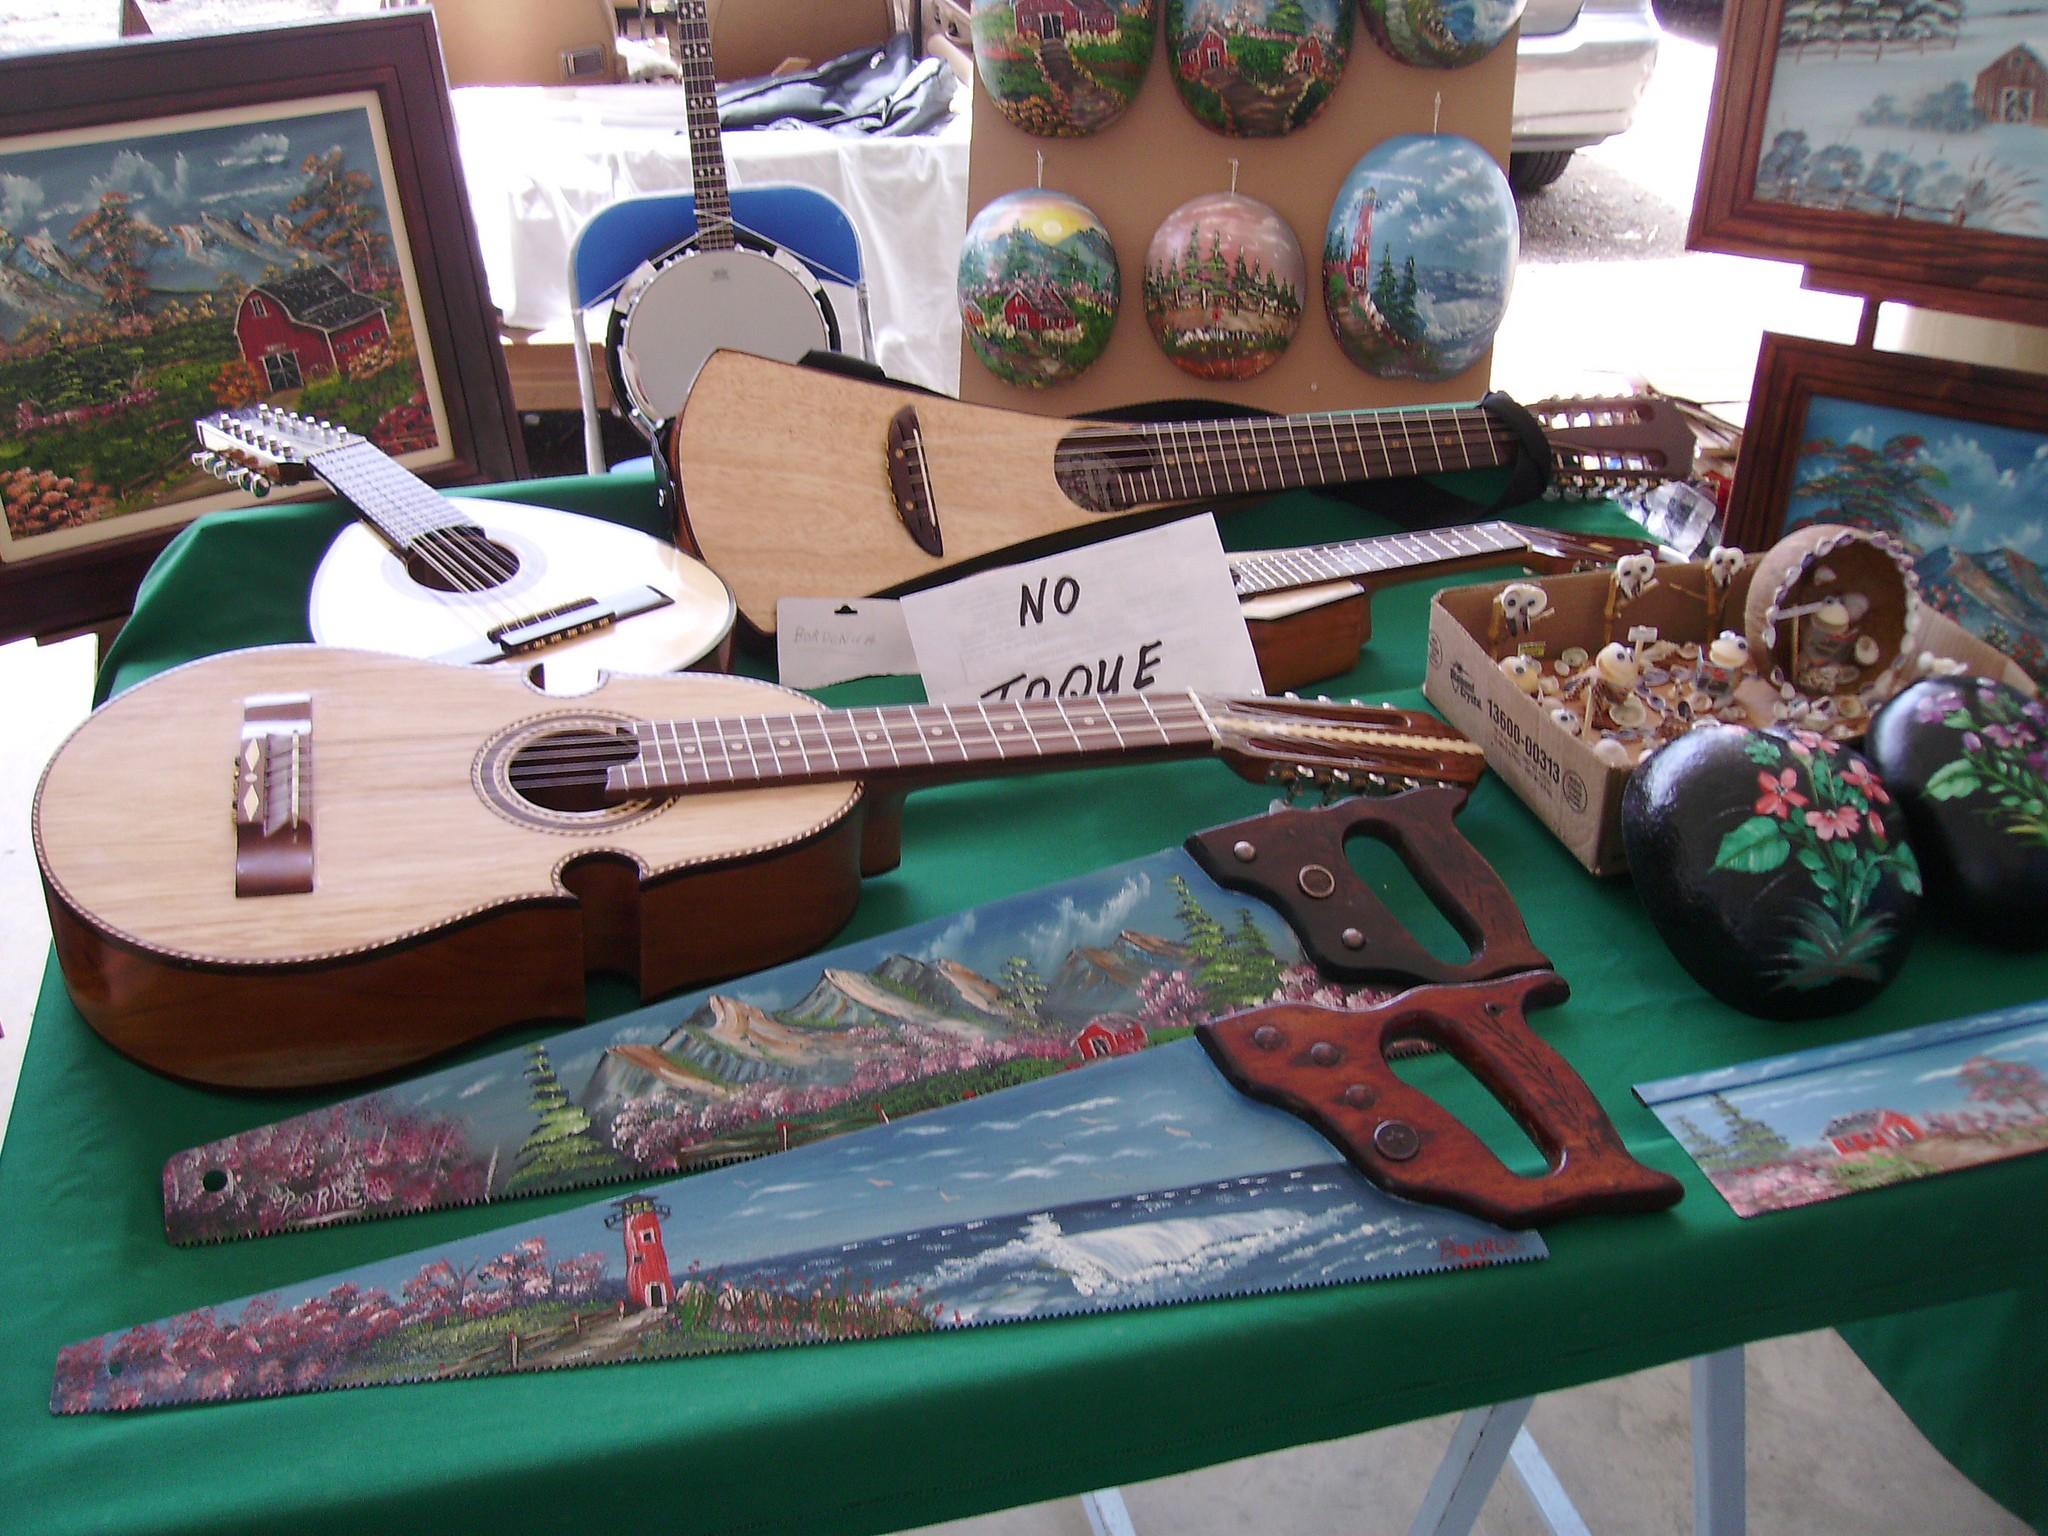 Instruments and artwork at San Sebastian's Plaza del Mercado   © William Rivera/ Flickr